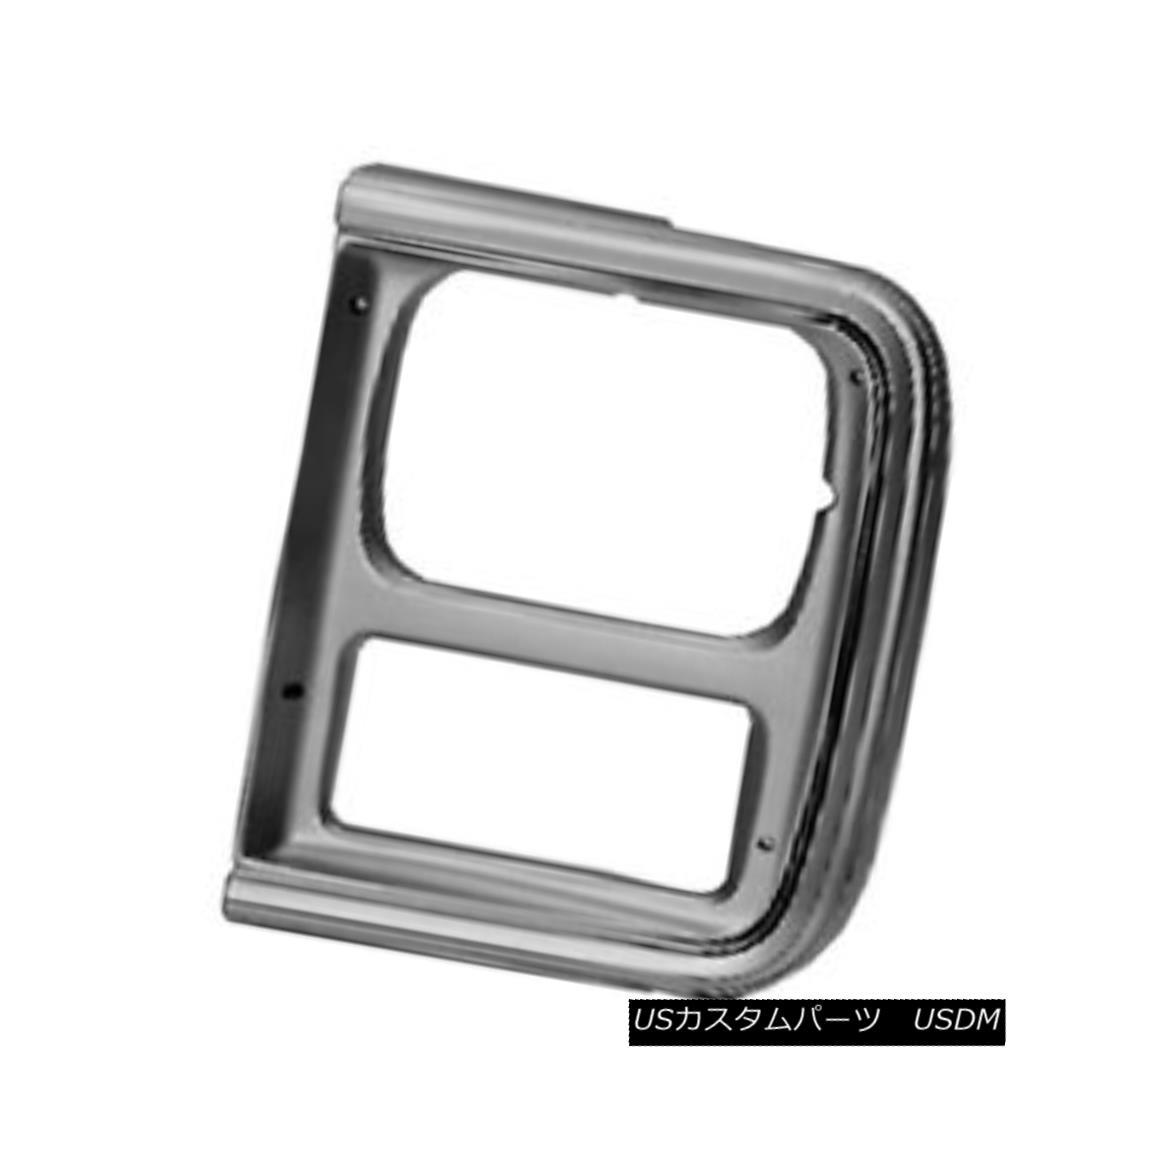 グリル New Replacement Headlight Door Silver Driver Side for Single Lamp 630-00857BL 単一のランプ630-00857BLのための新しい交換ヘッドライトドアシルバードライバ側